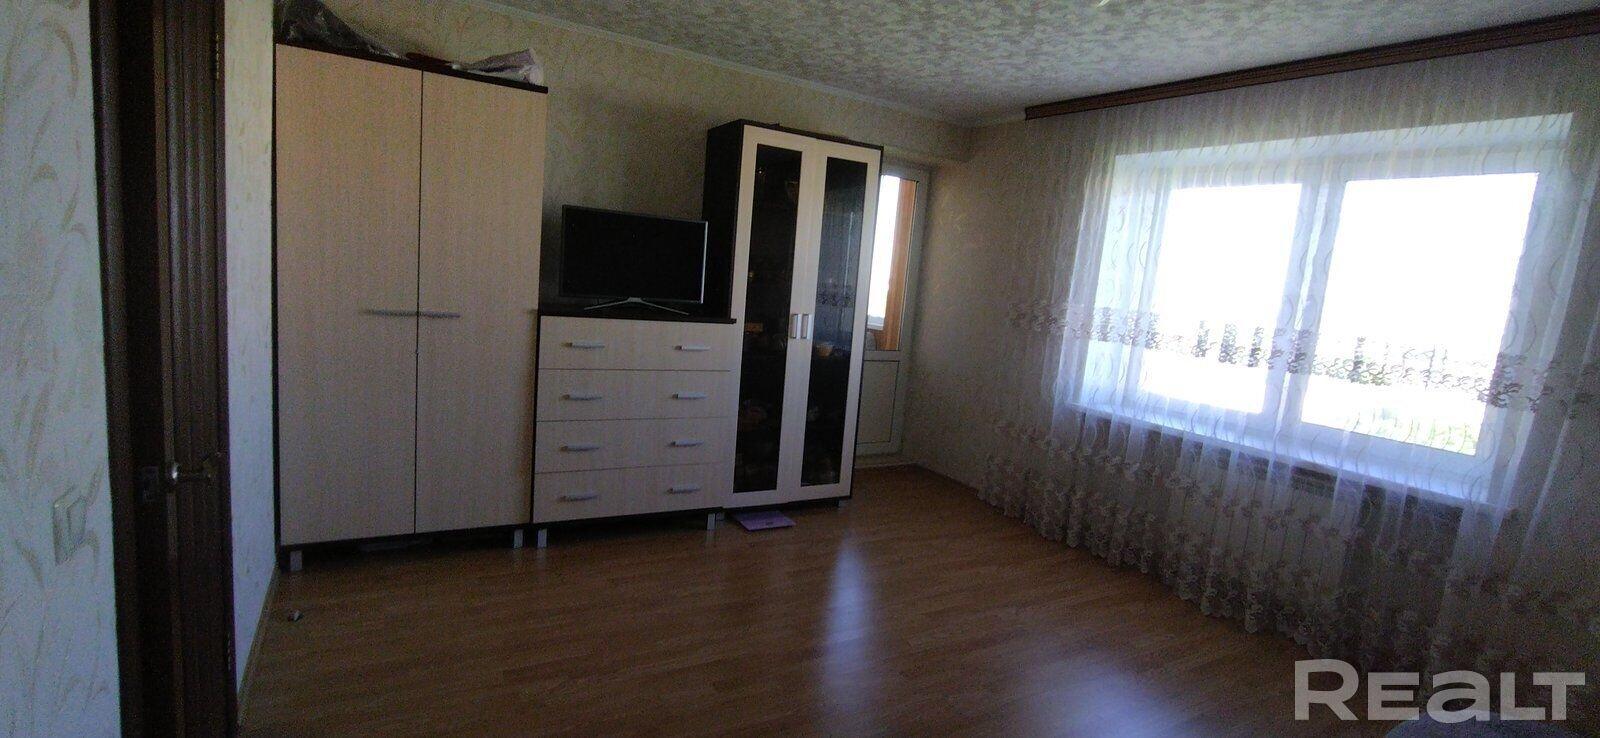 Двухкомнатная квартира в кирпичном доме с хорошим ремонтом в Шабанах